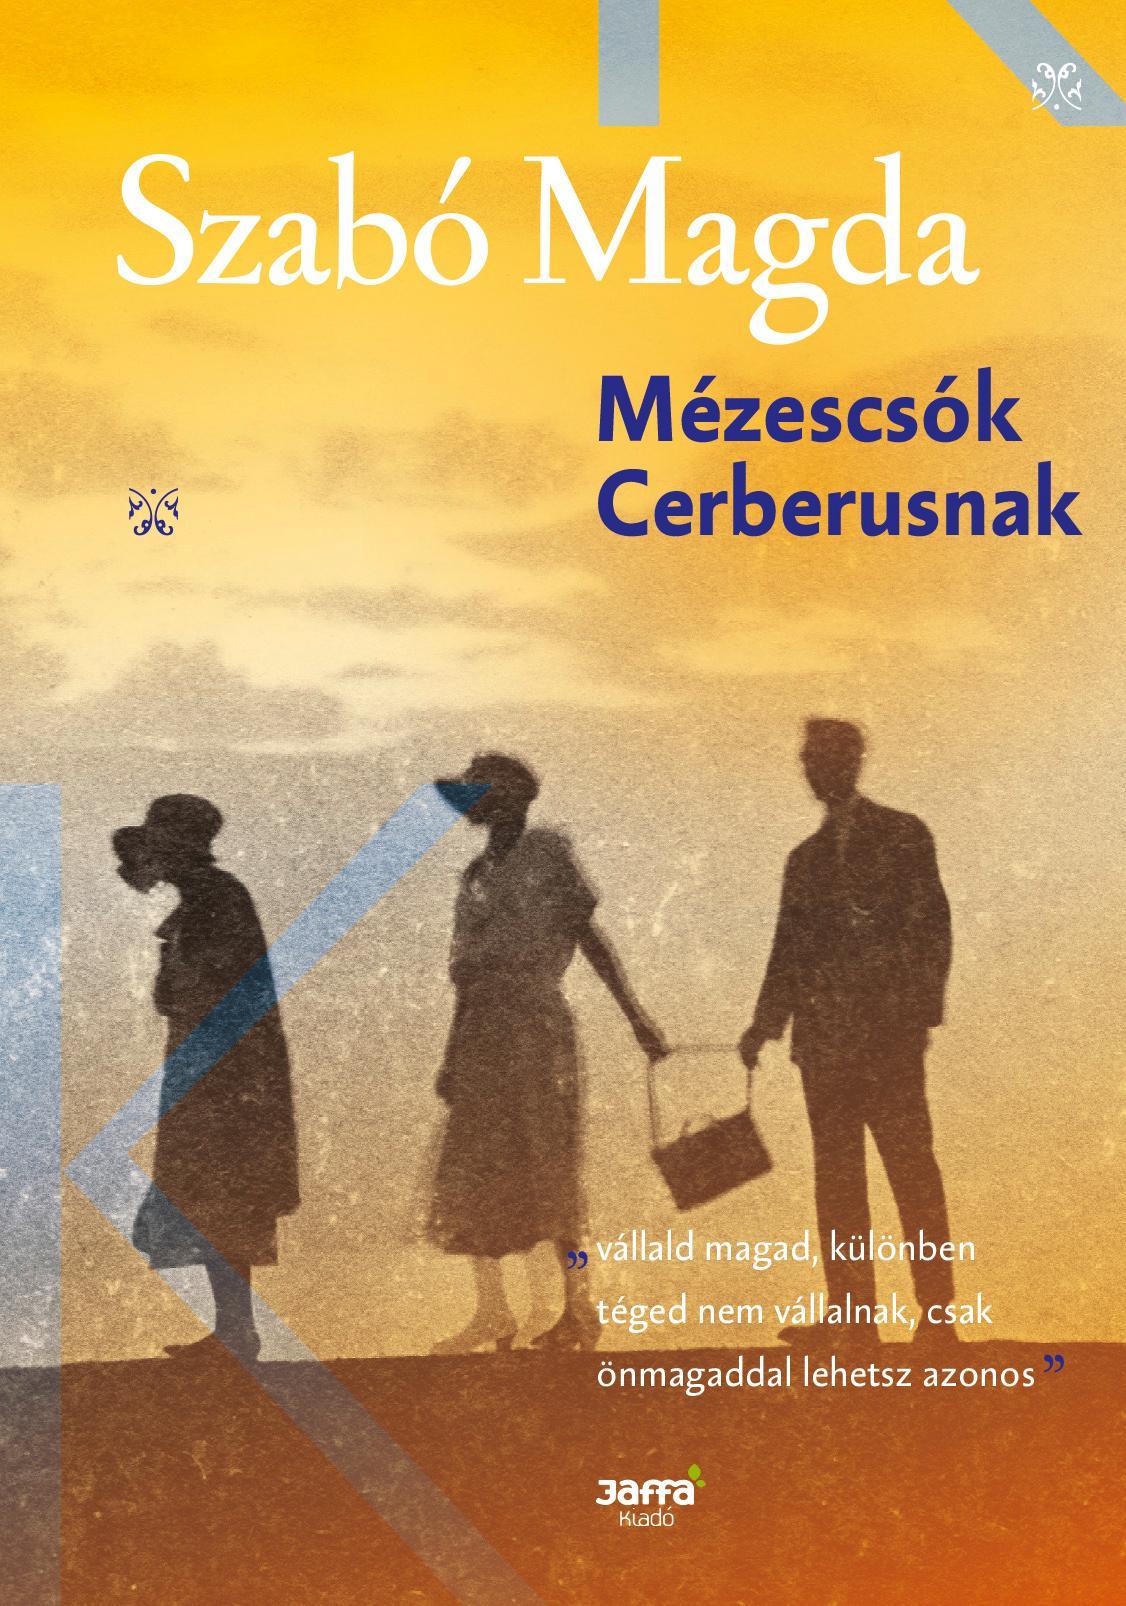 MÉZESCSÓK CERBERUSNAK (ÚJ, 2017)